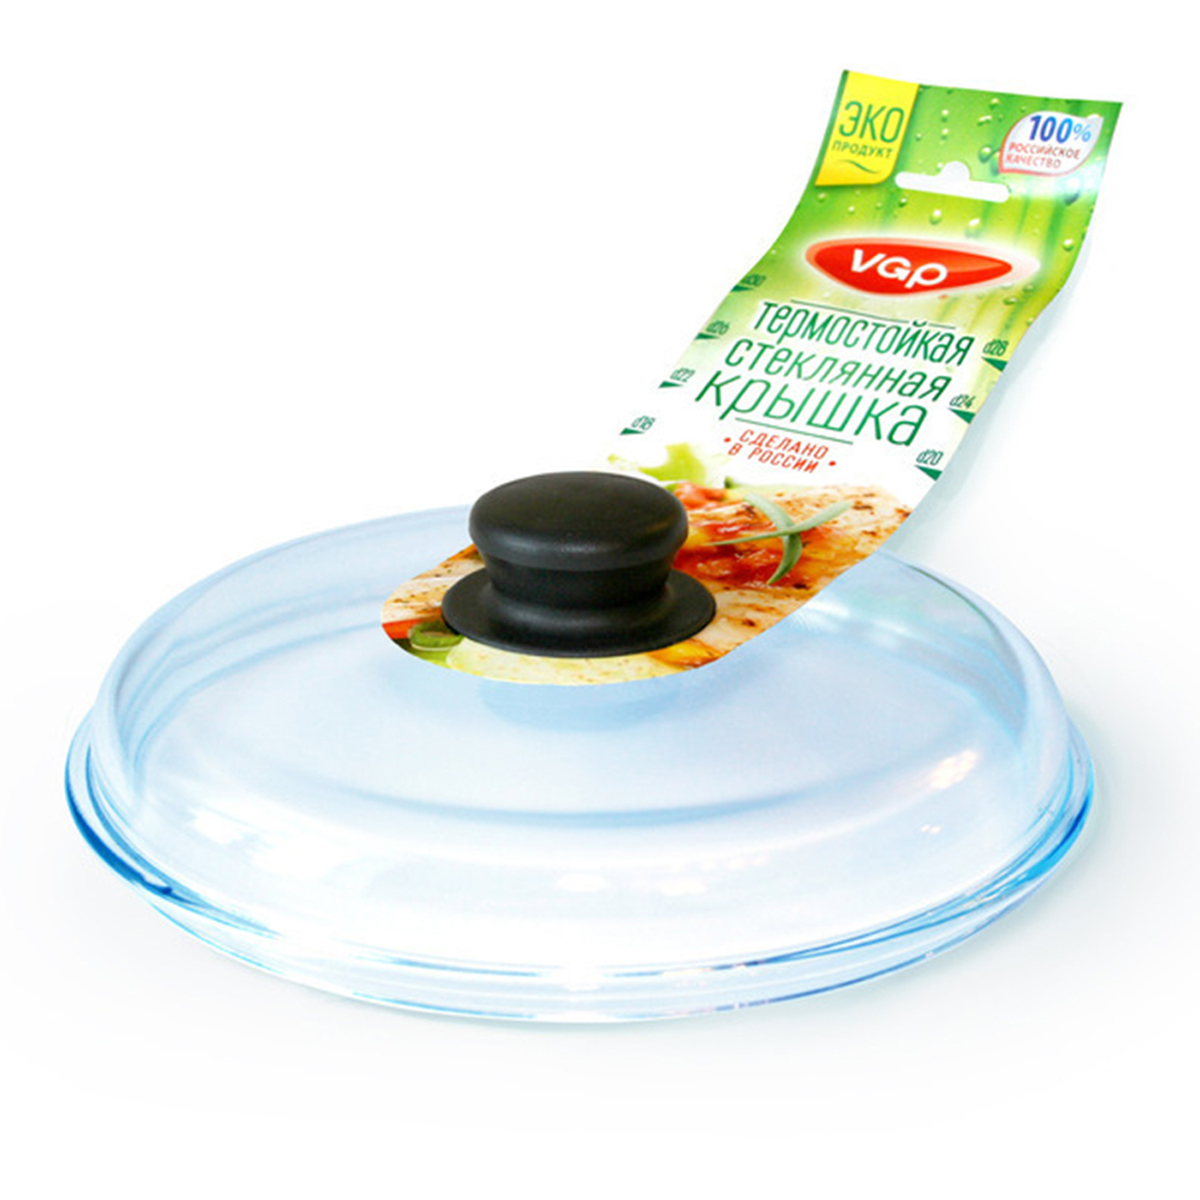 Крышка VGP, прессованная, высокая, диаметр 22 см0702Высокая прессованная крышка диаметром 22 см станет незаменимым аксессуаром для приготовления пищи на любой кухне. Она изготовлена из высококачественного жаропрочного стекла, а также оснащена бакелитовой ручкой, обеспечивающей не только комфорт, но и безопасное использование. Кроме того, данная модель подходит для мытья в посудомоечной машине. Крышка совместима с посудой диаметром 22 см.